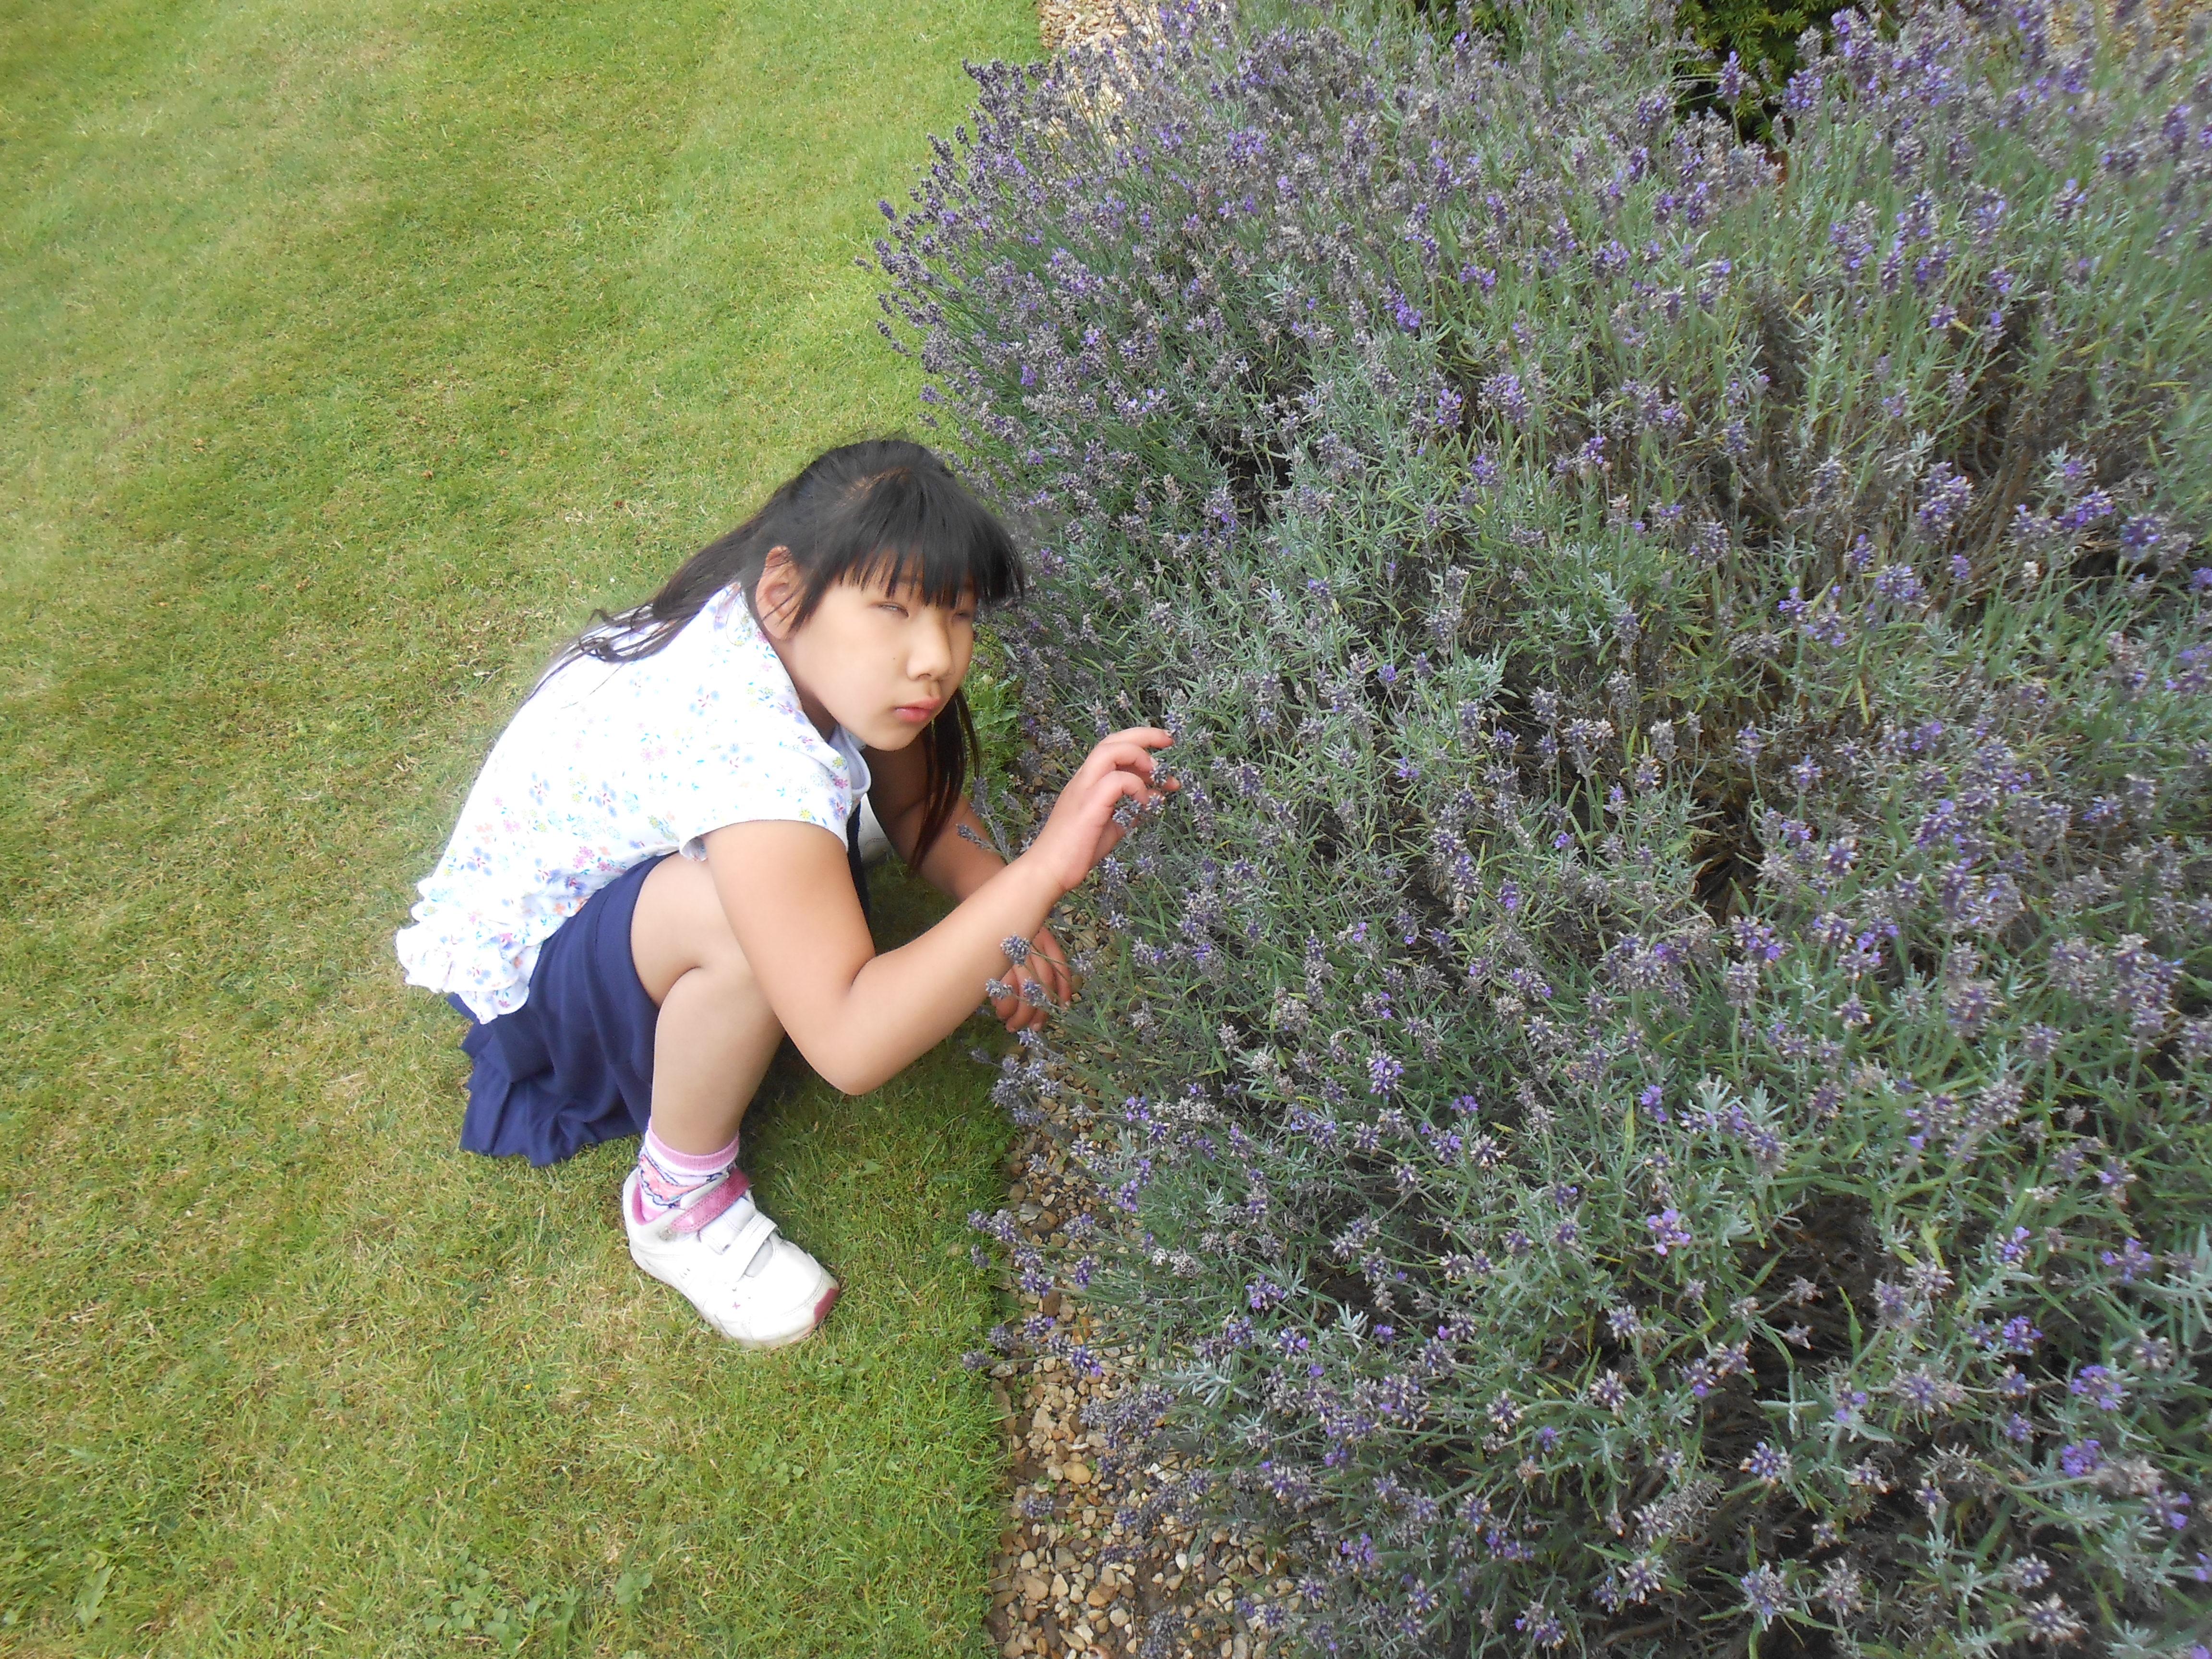 Image shows child feeling foliage